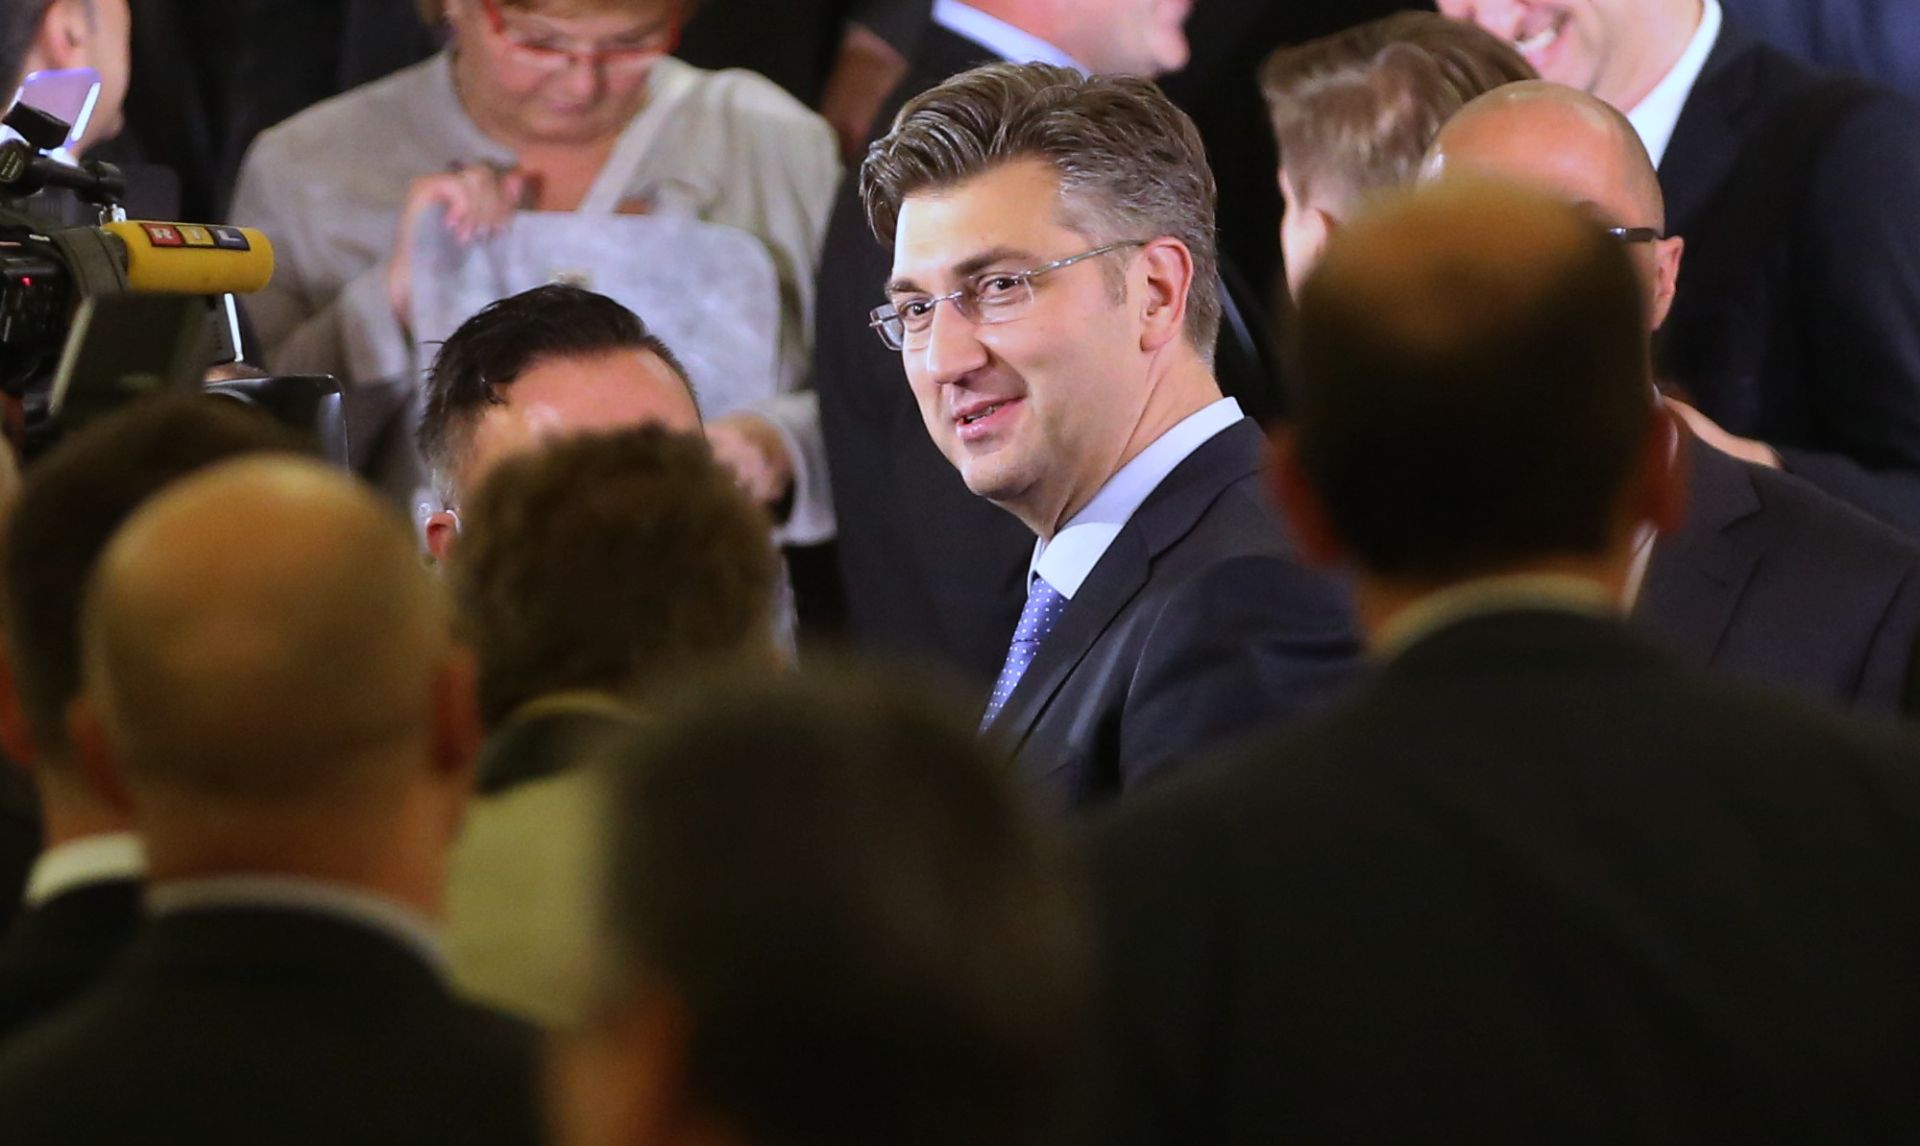 SVJETSKE AGENCIJE: Široka potpora u Saboru daje stabilnost Plenkovićevoj vladi